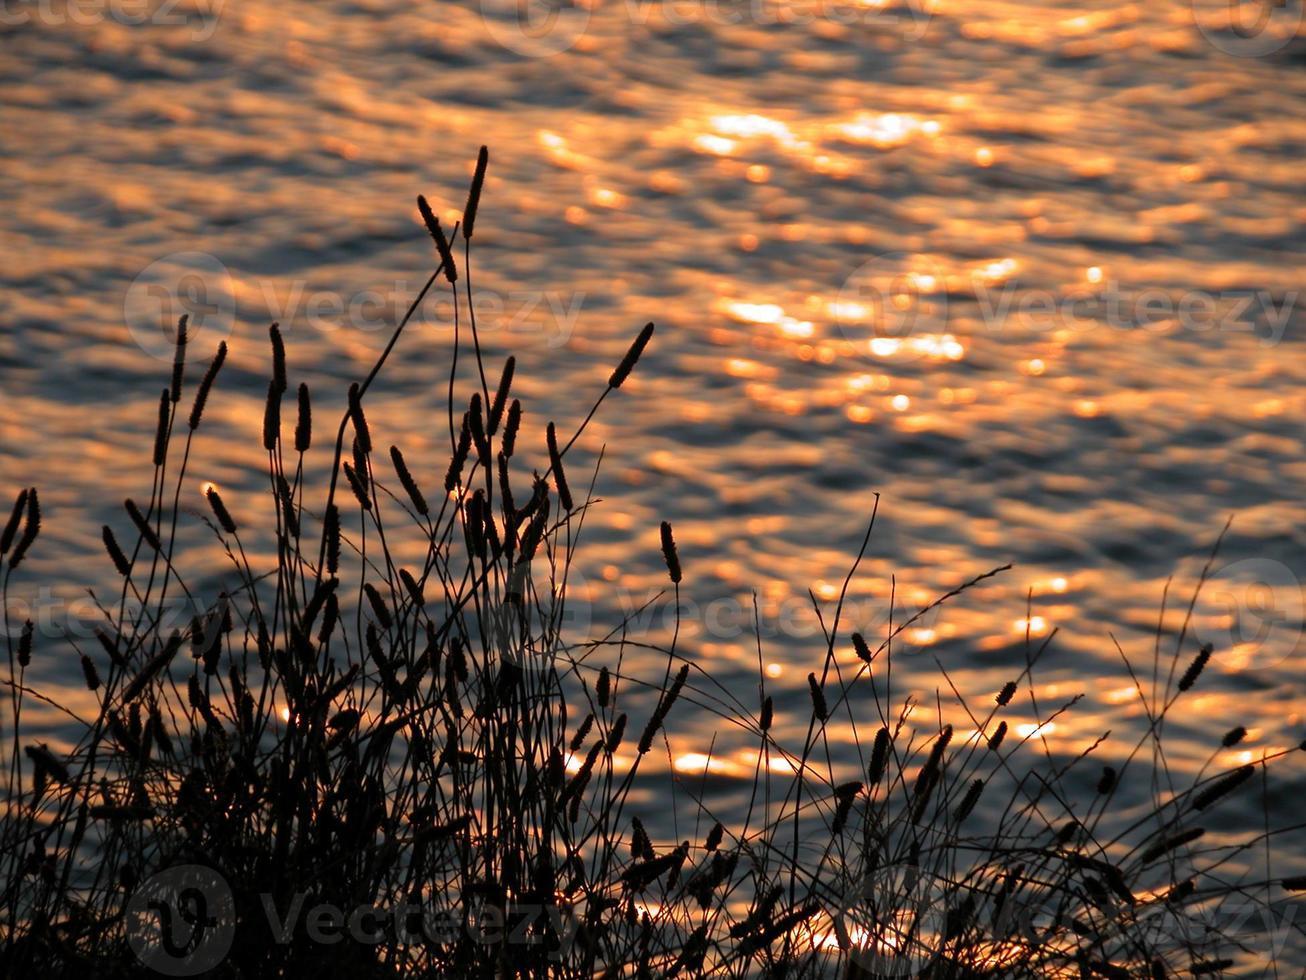 silhuetas ao pôr do sol foto